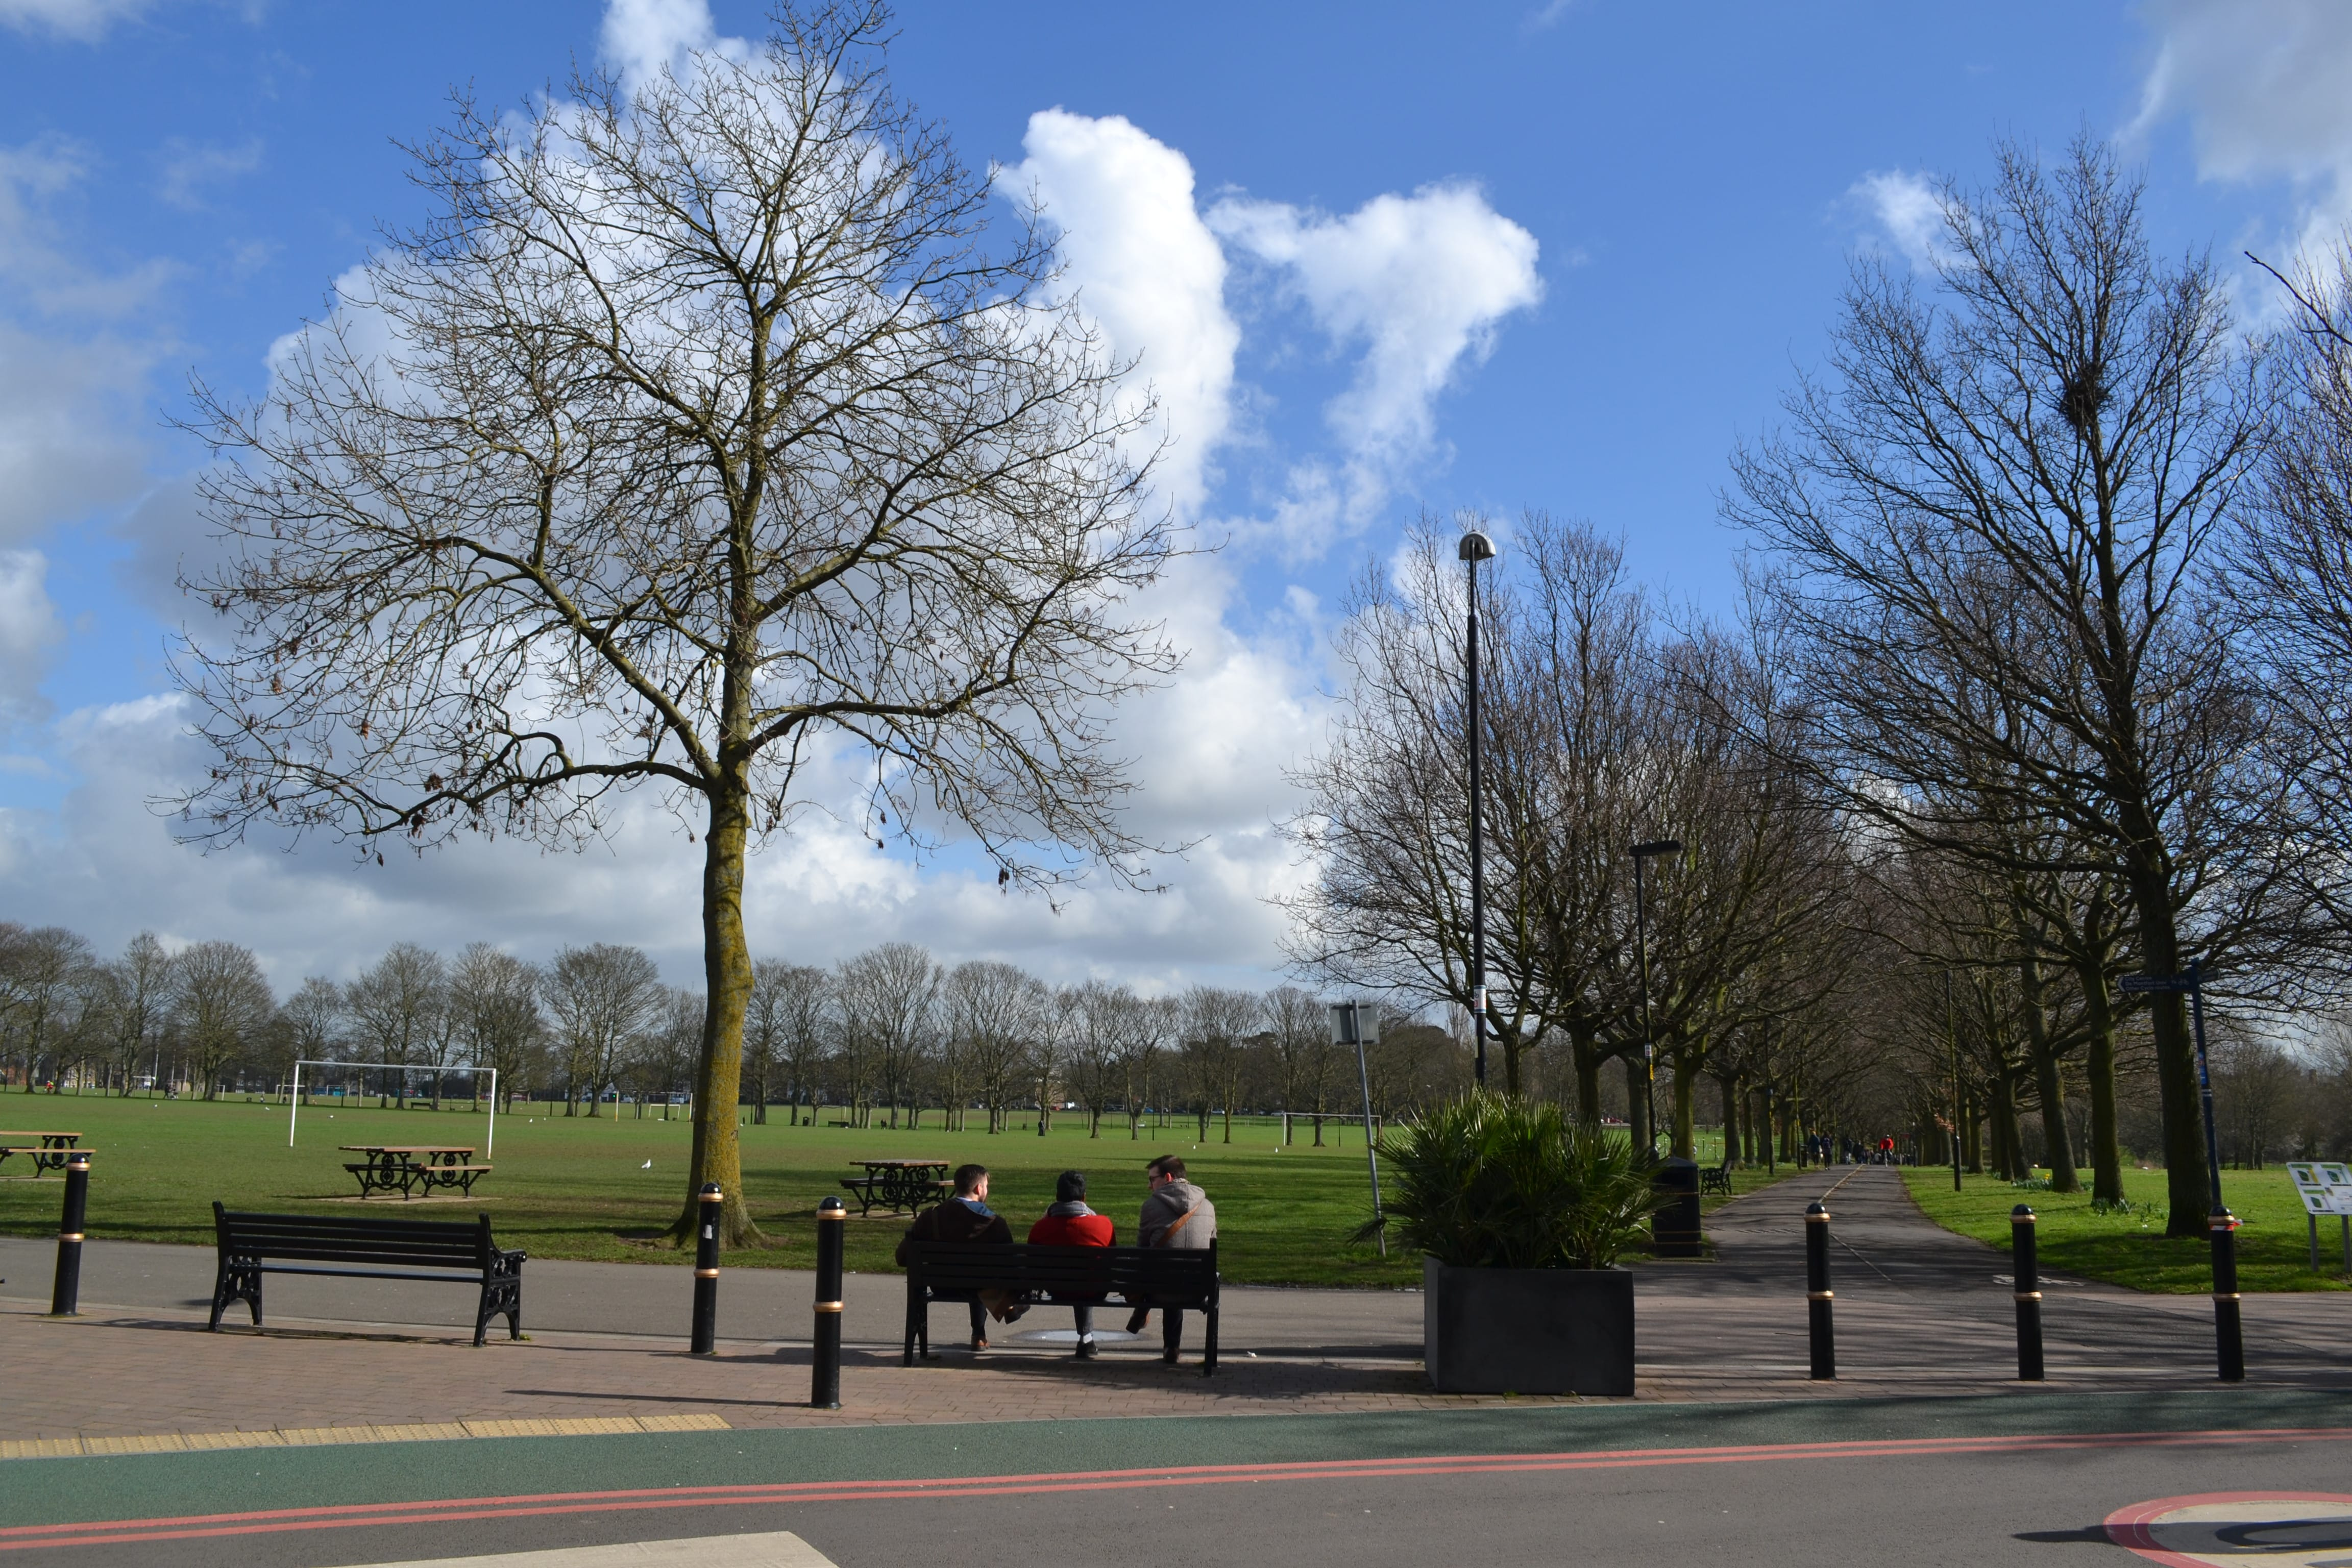 Vicky Park, тот самый, где обнаружили останки Короля Ричарда III